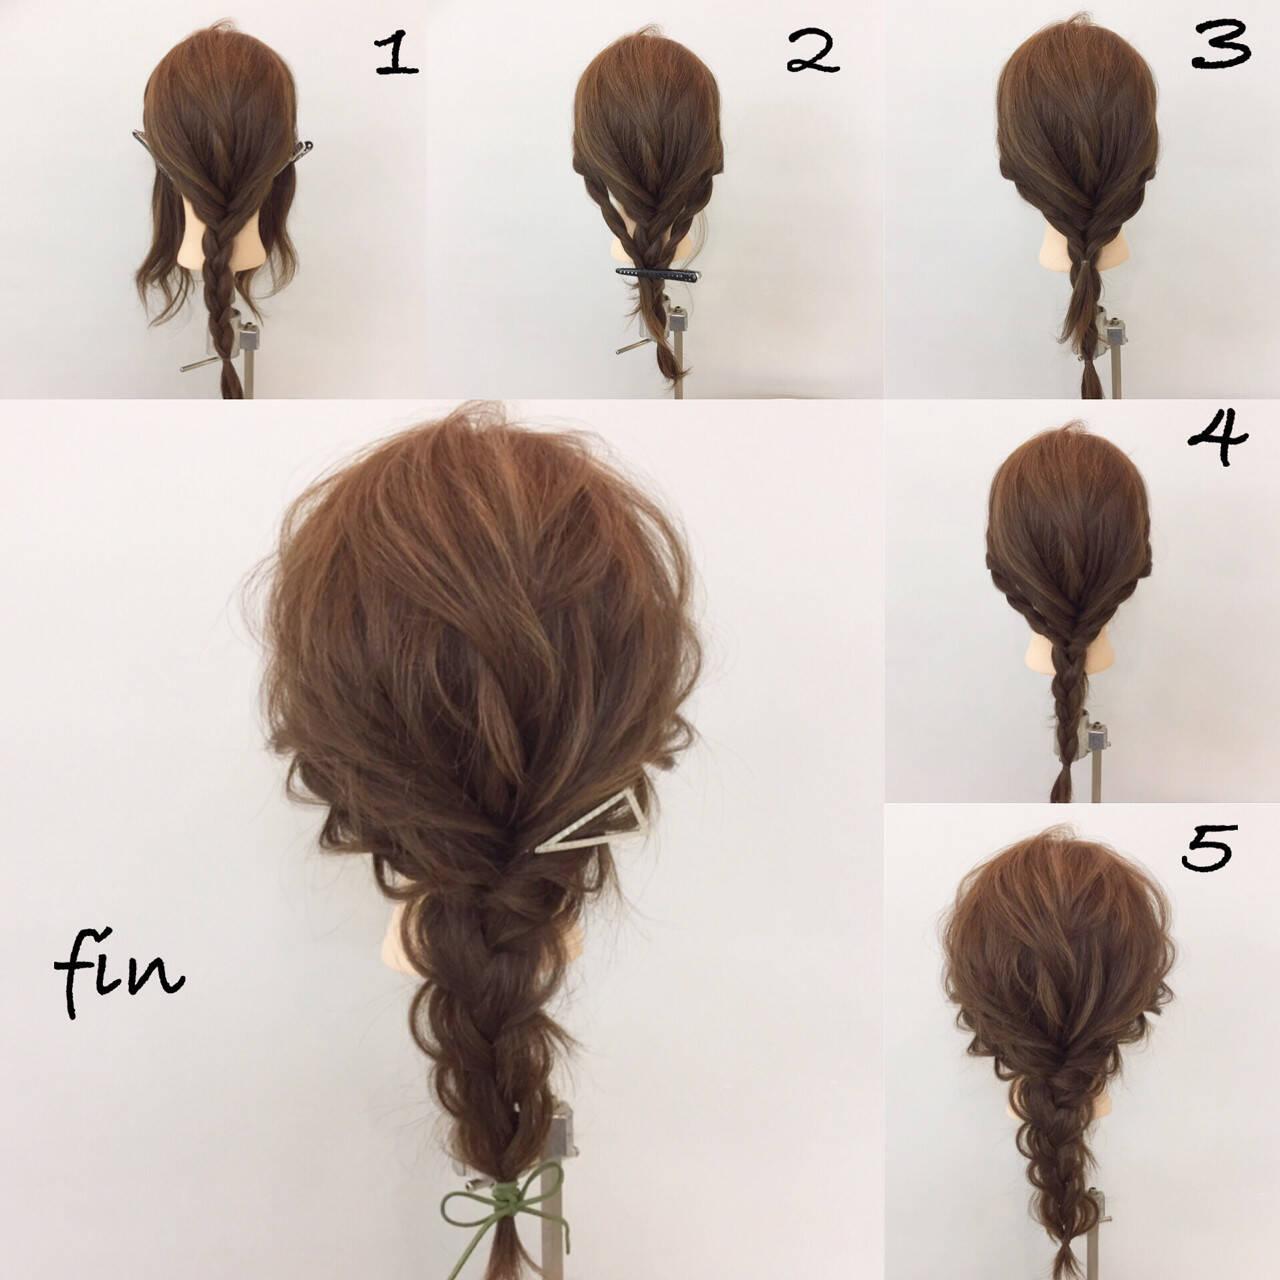 三つ編み ヘアアレンジ 編み込み 大人女子ヘアスタイルや髪型の写真・画像